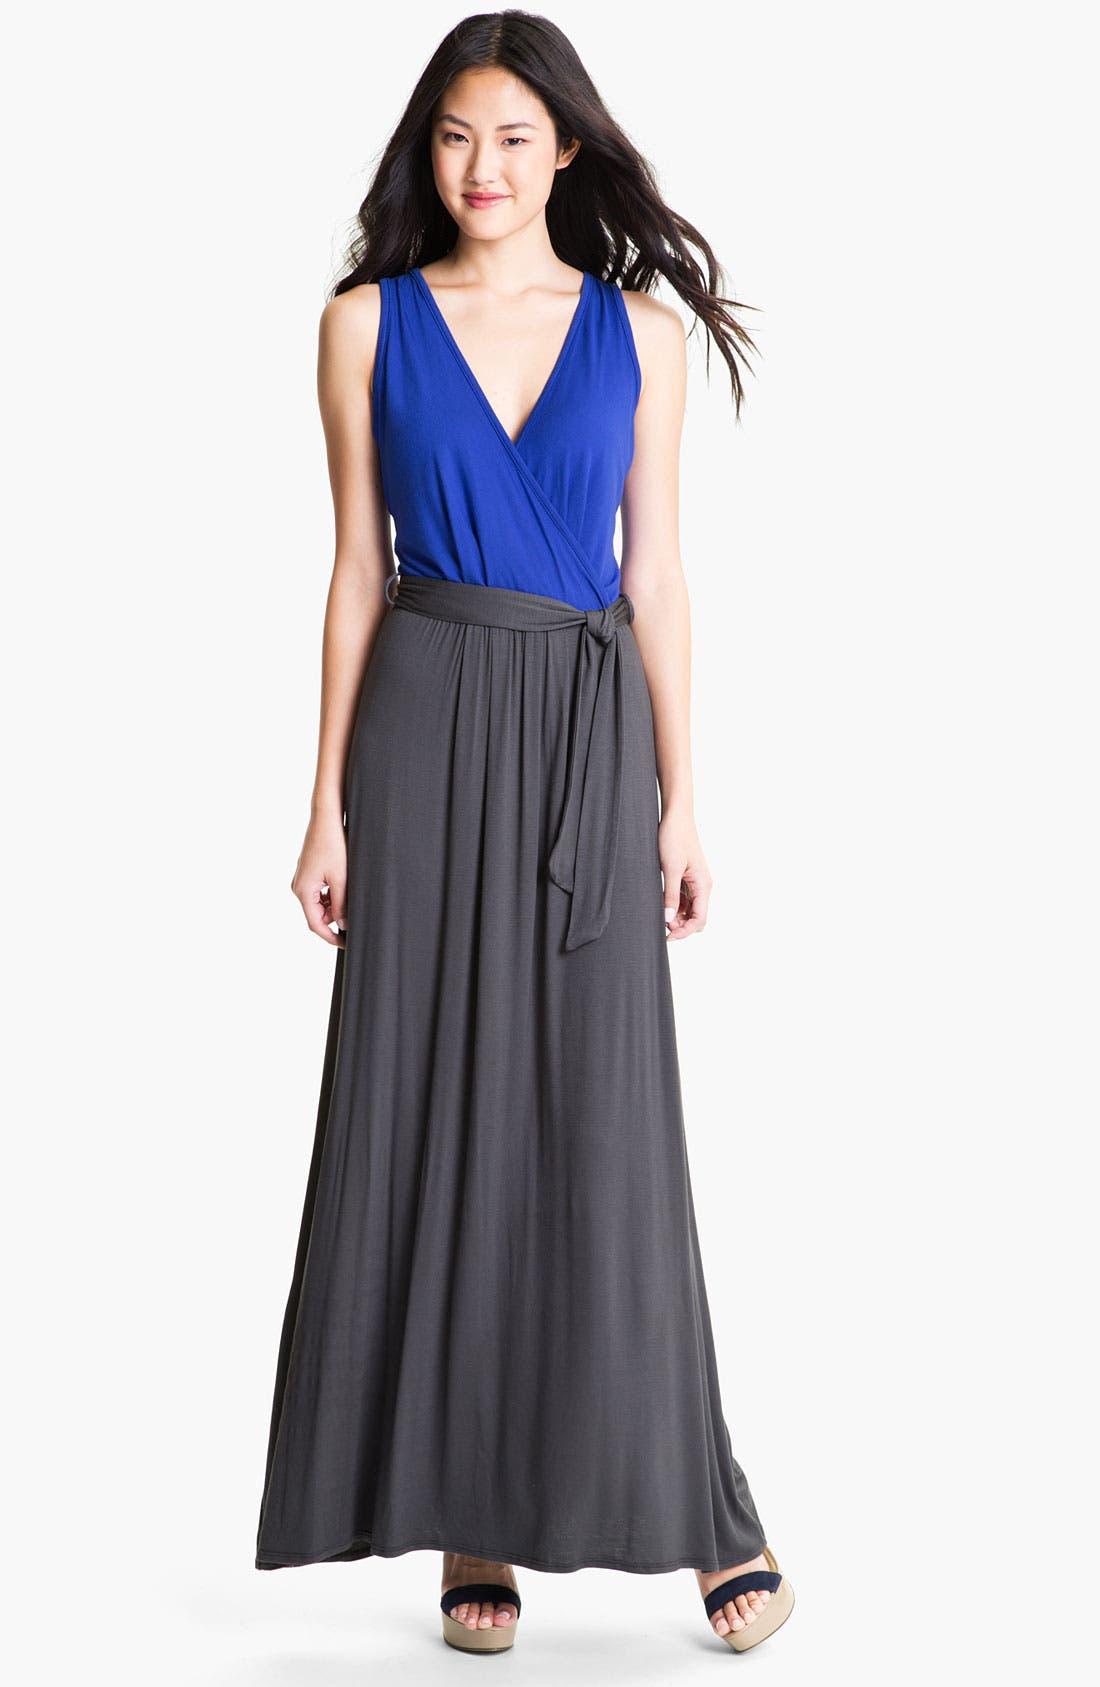 Main Image - Loveappella Two Tone Surplice Maxi Dress (Petite)